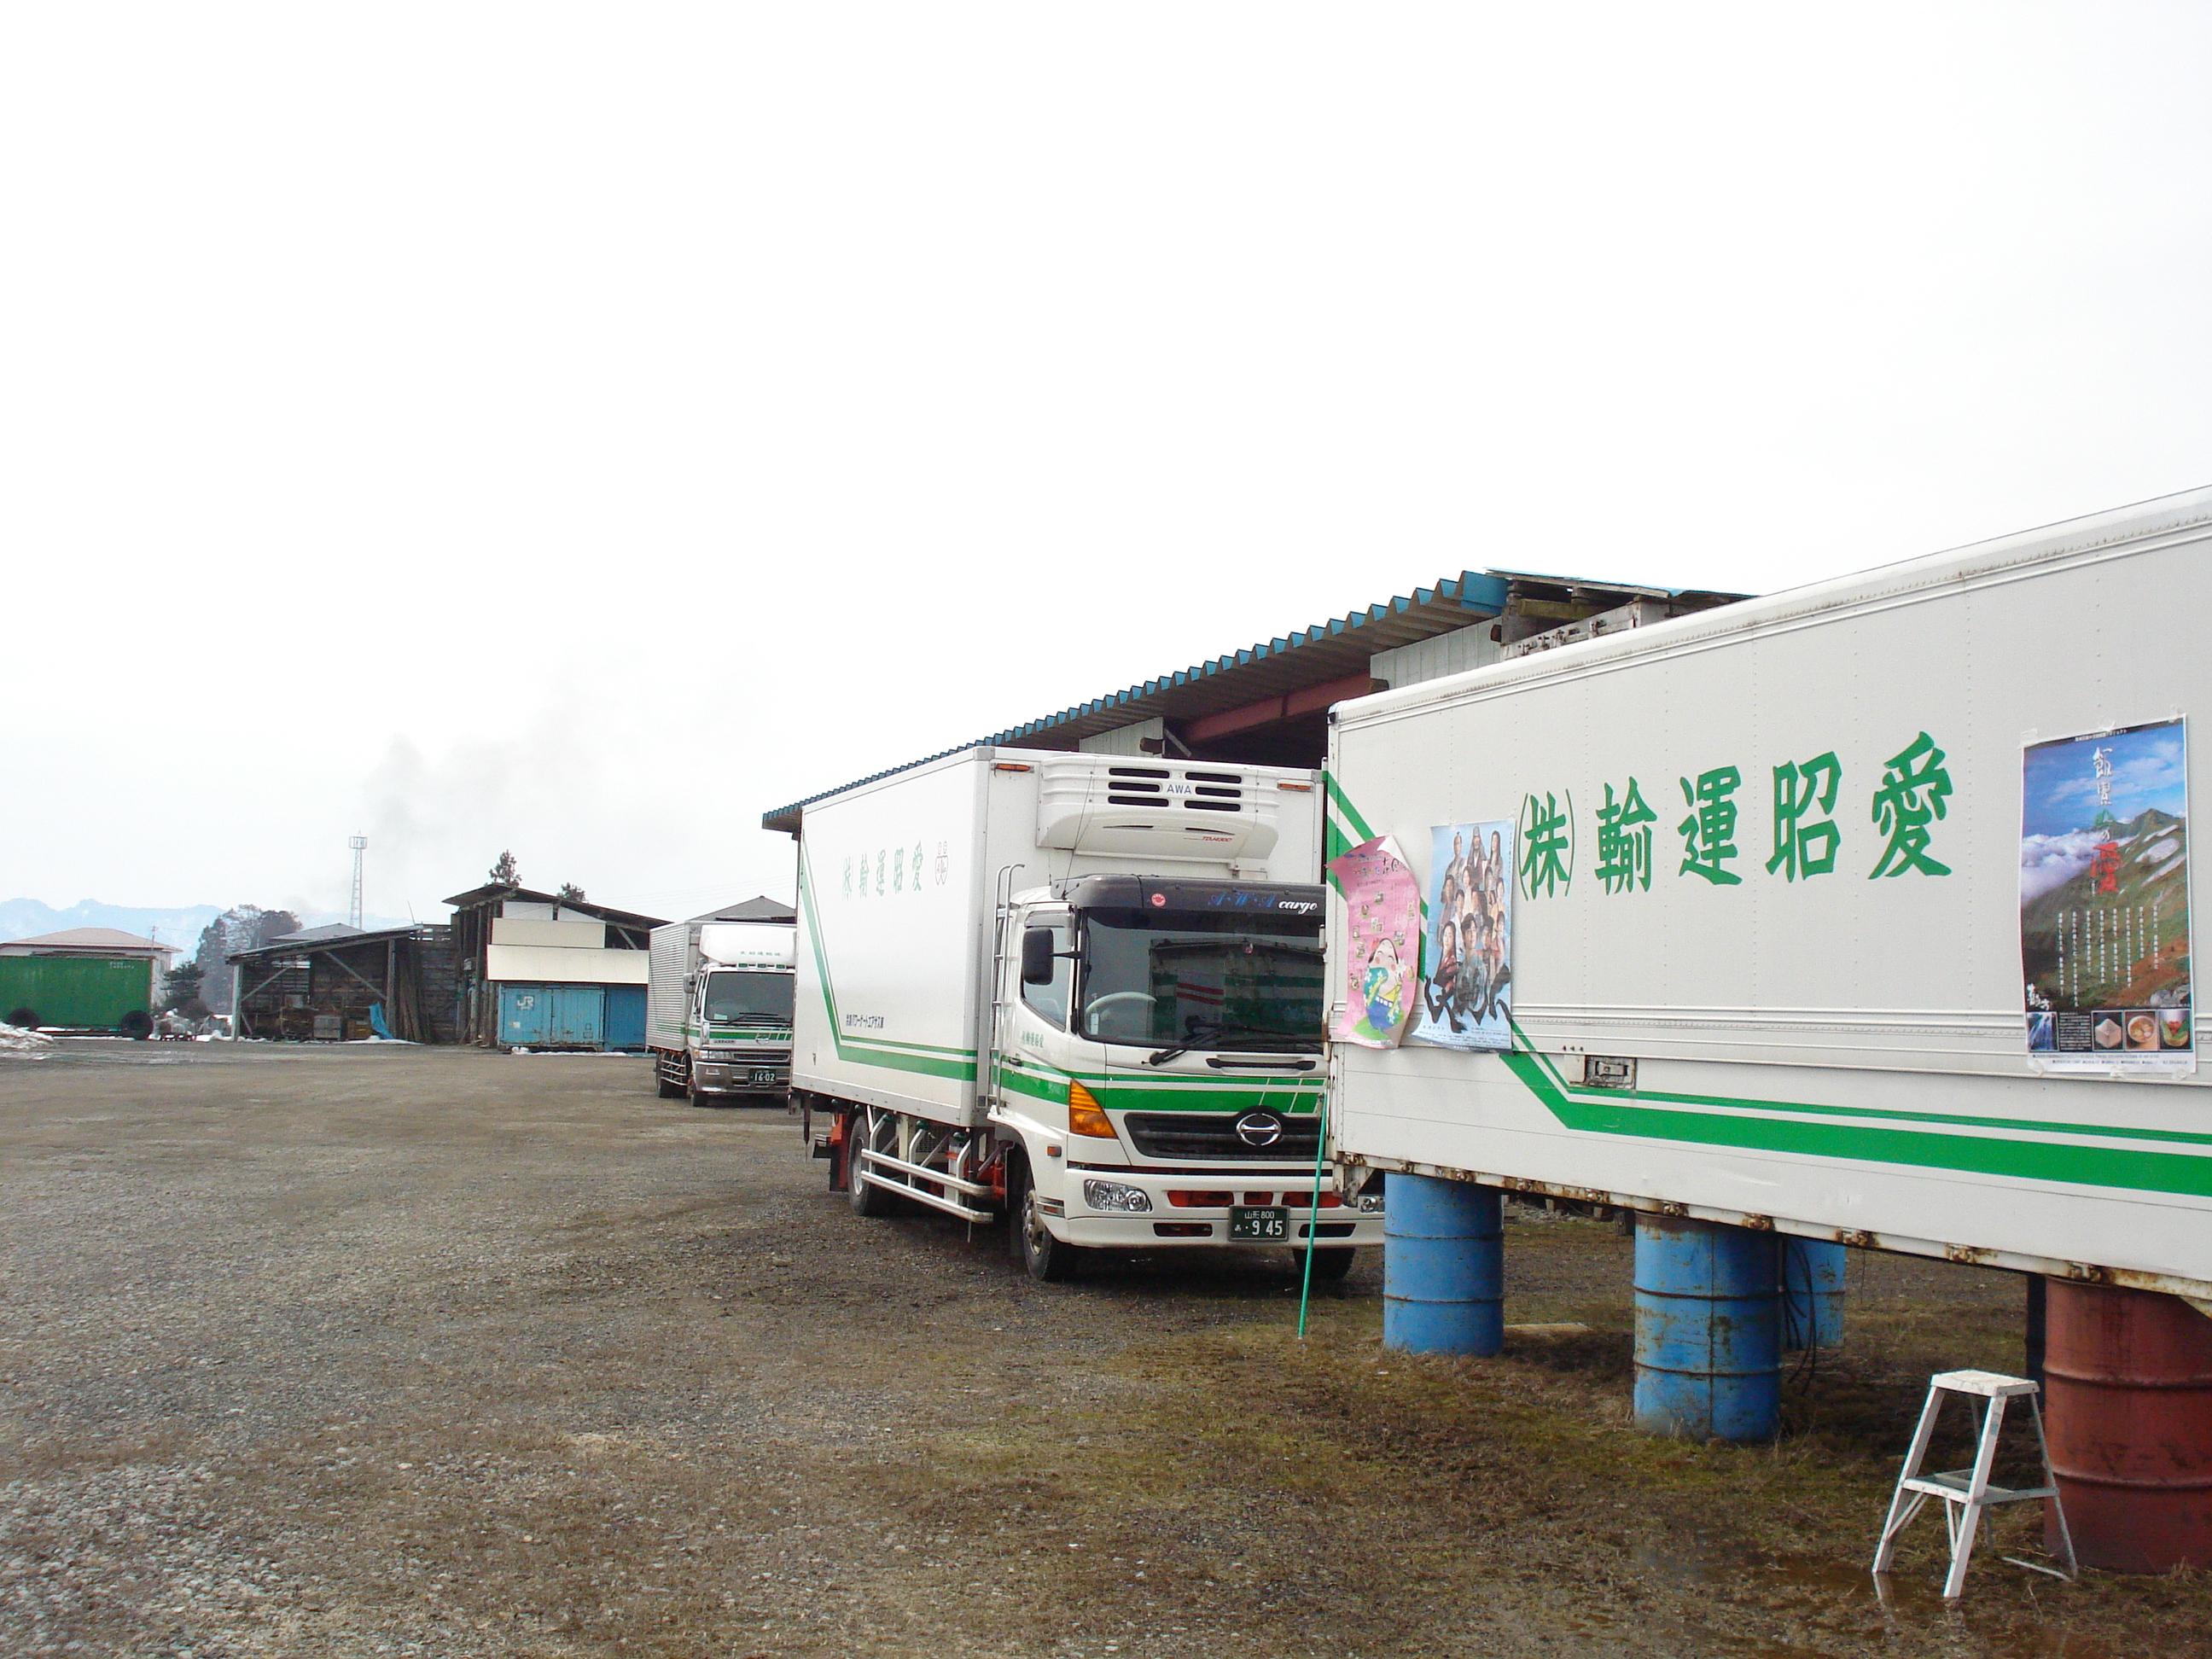 愛昭運輸株式会社です。:画像